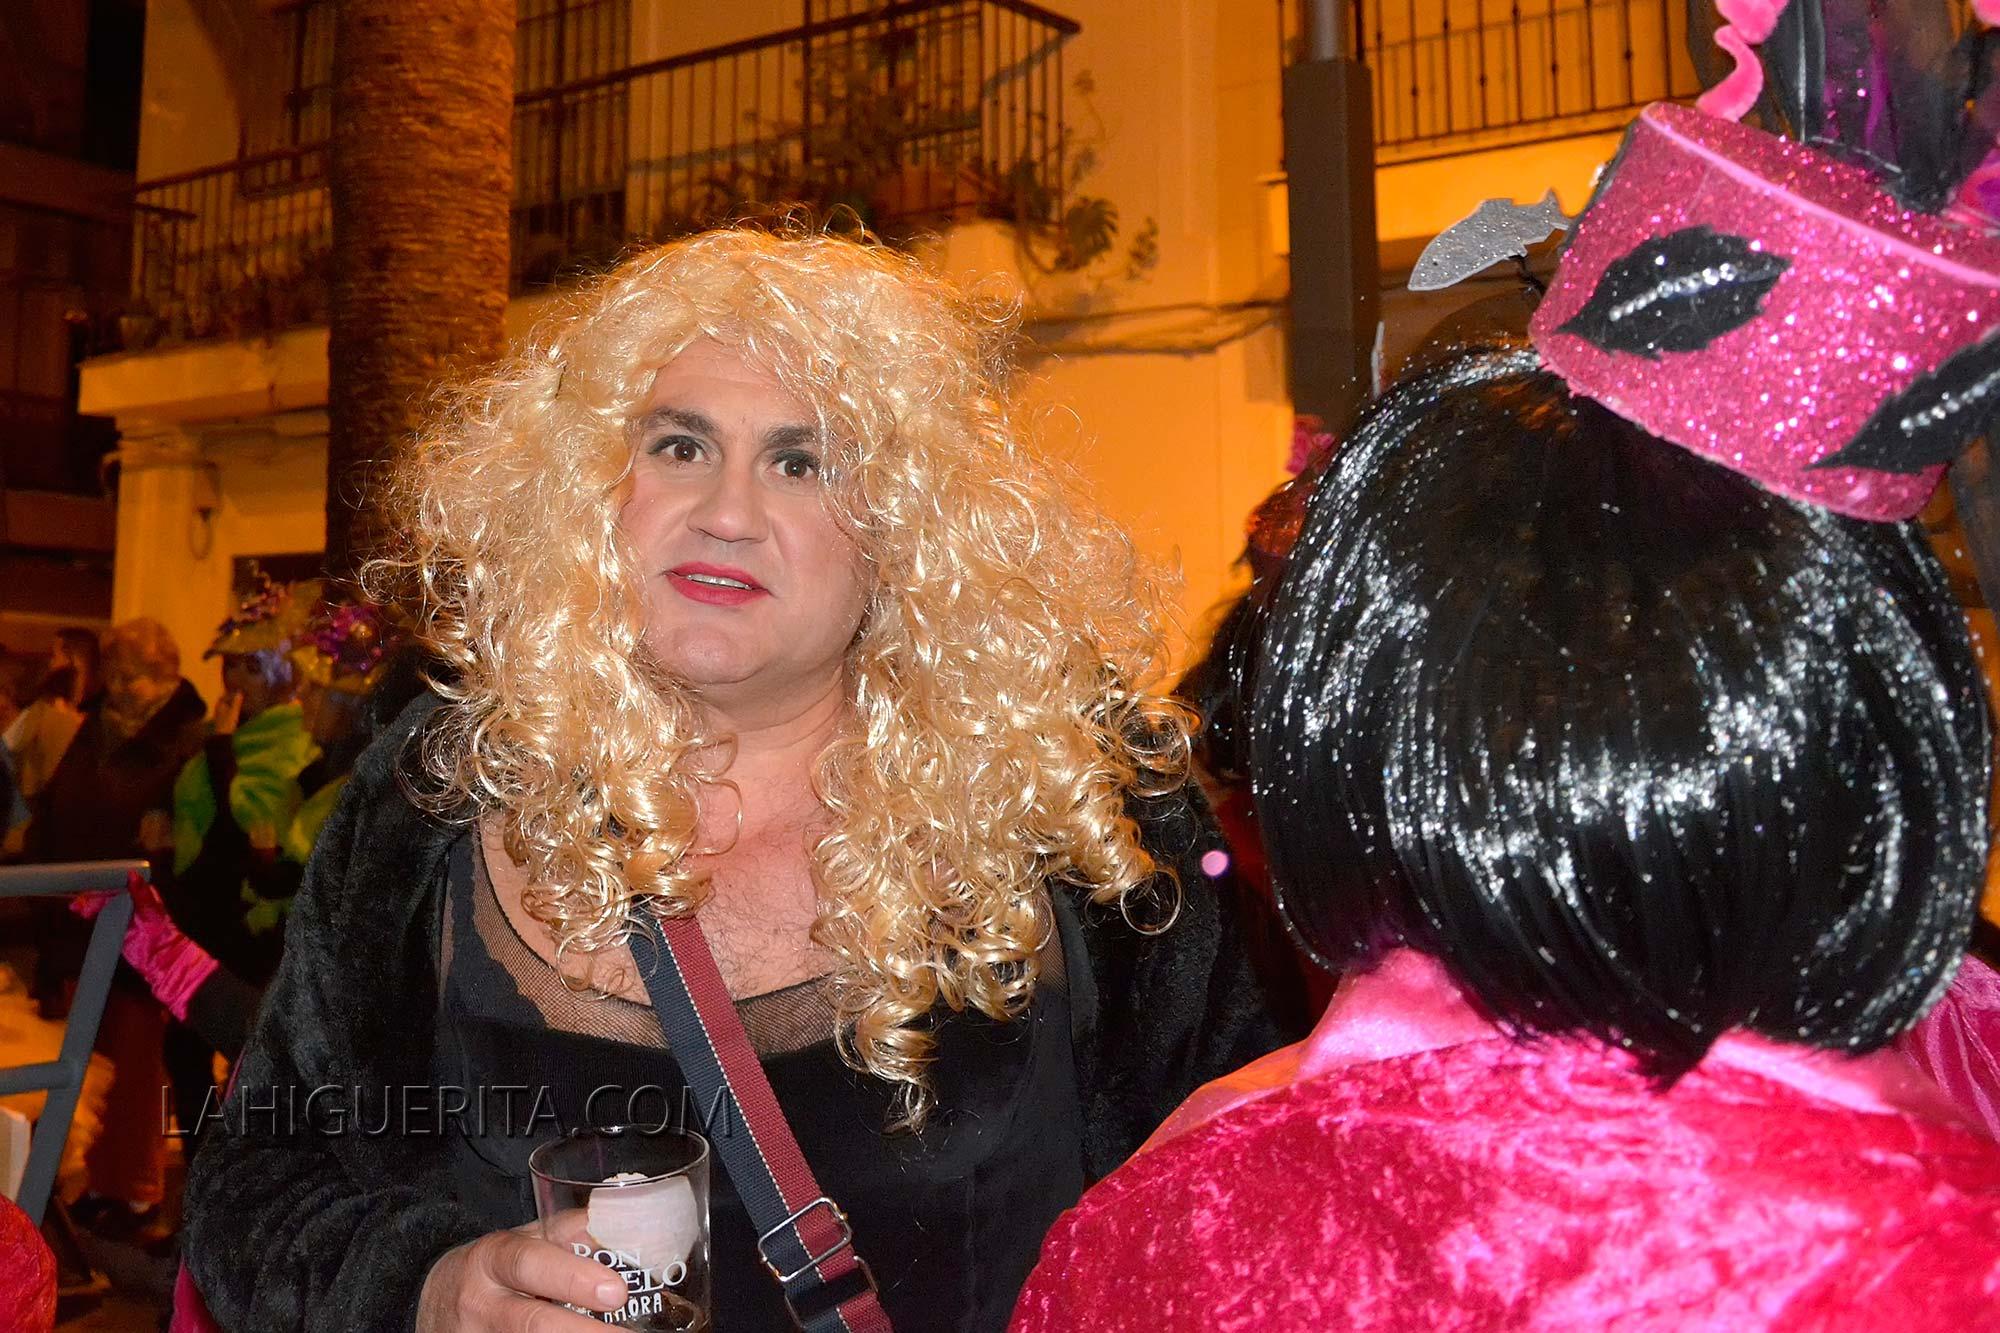 Entierro de la sardina carnaval isla cristina _DSC2052